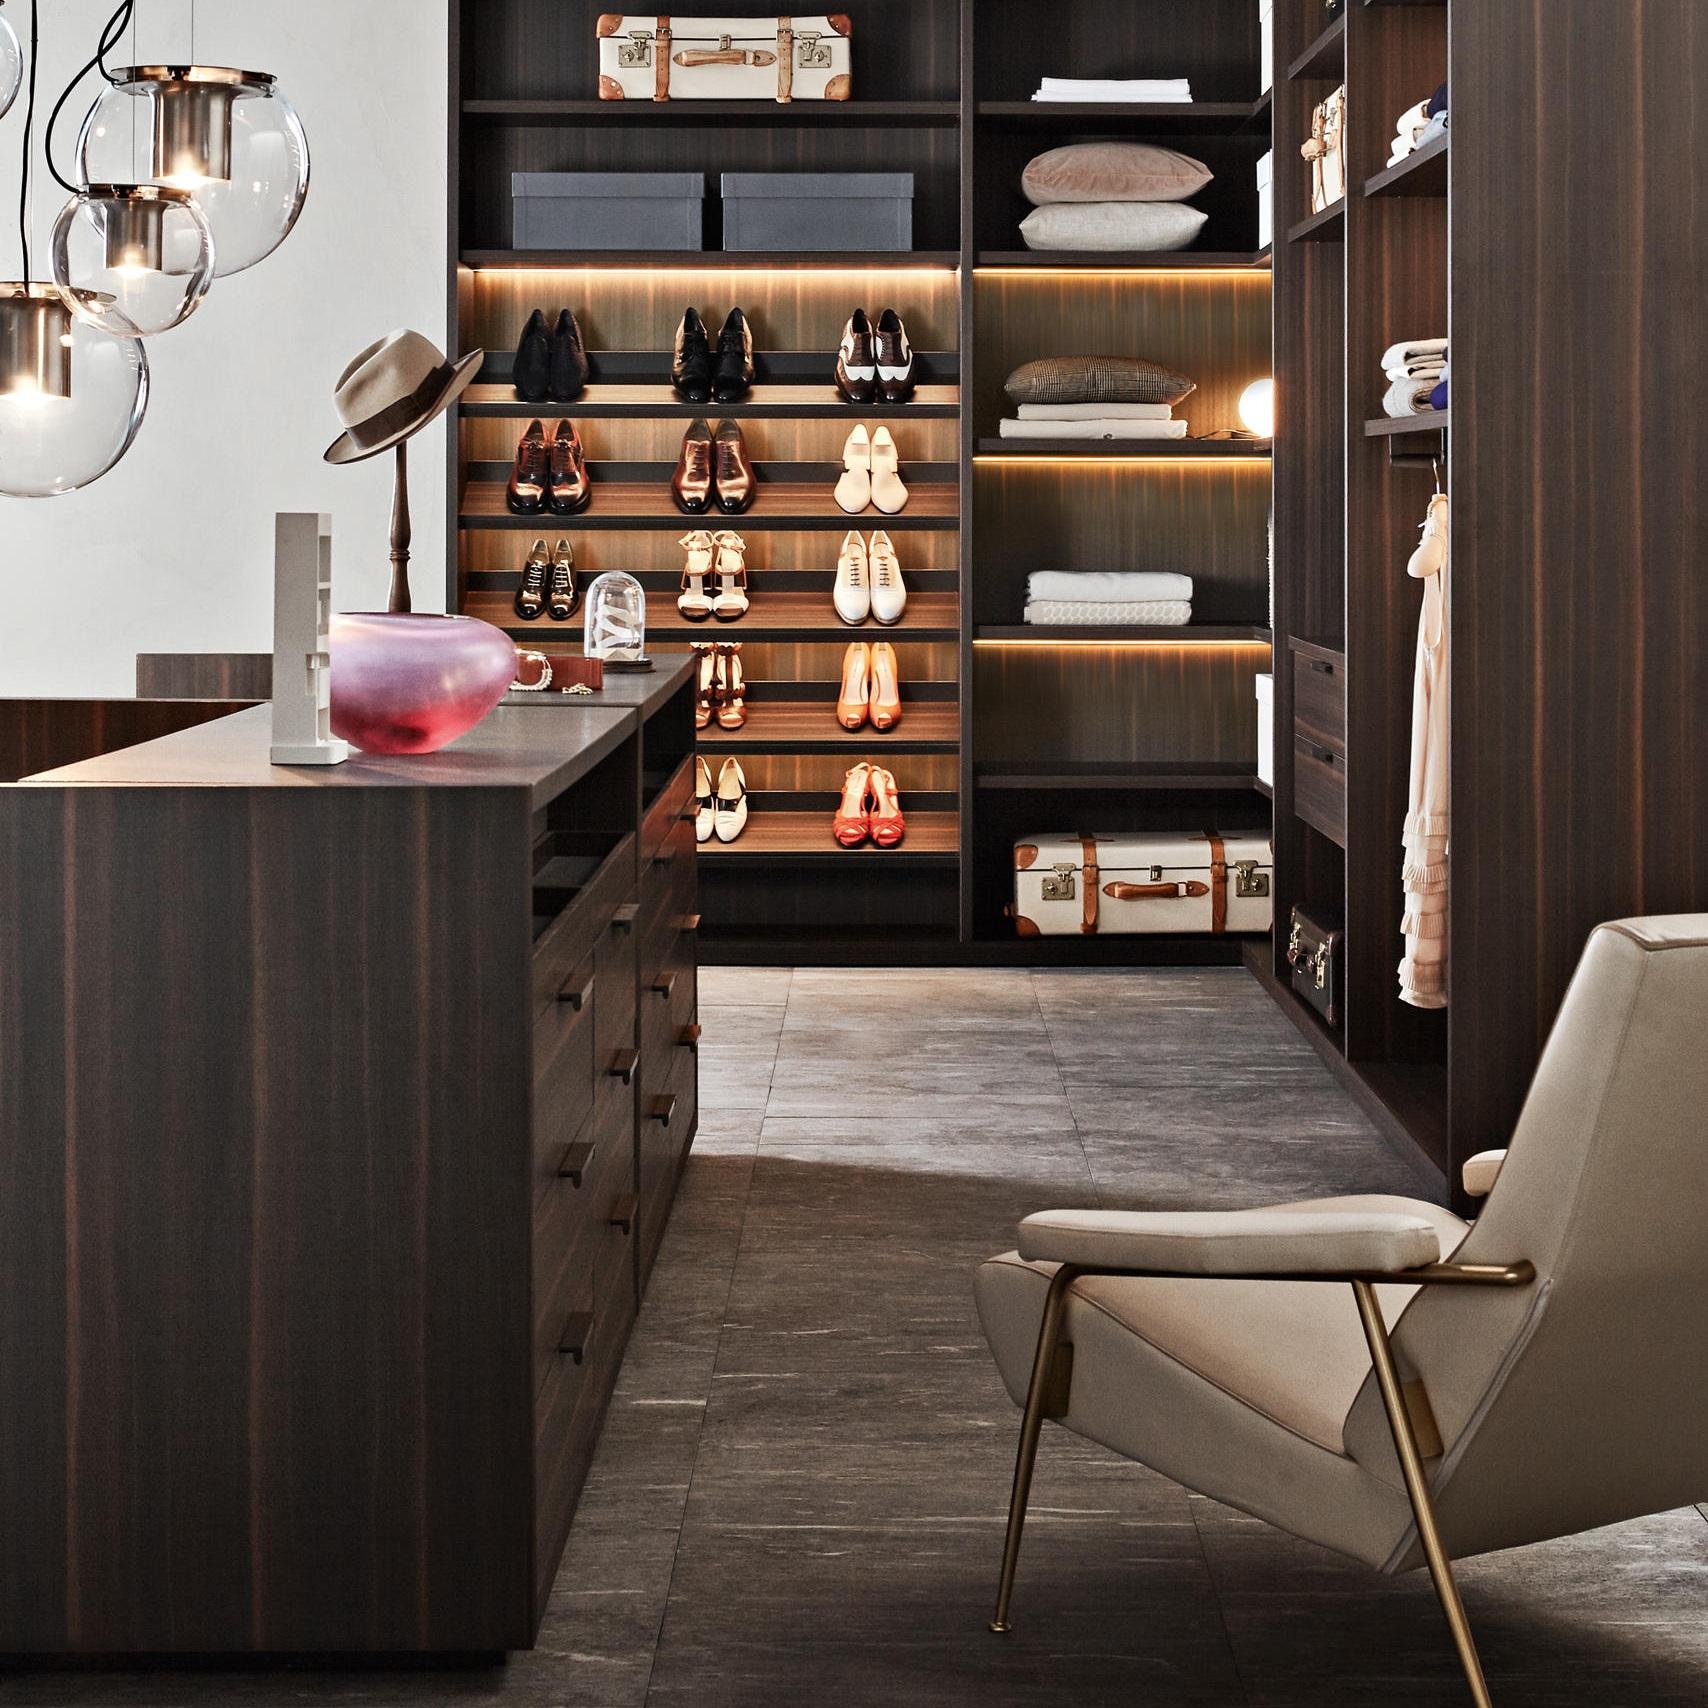 Display shoe shelves